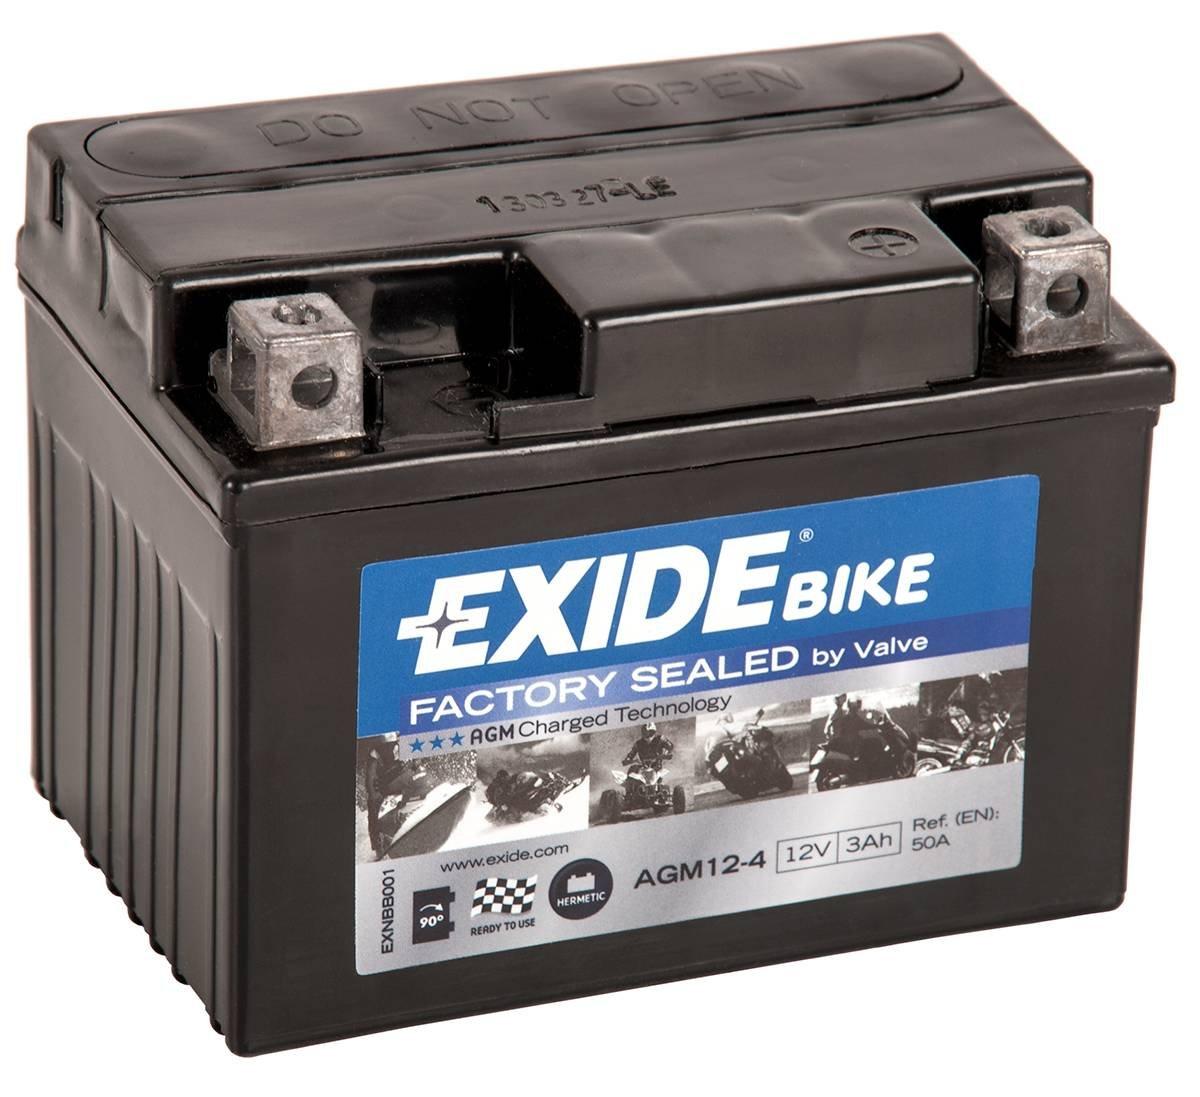 /4/Exide bater/ía de 12/V para Motocicleta agm12/ 4908